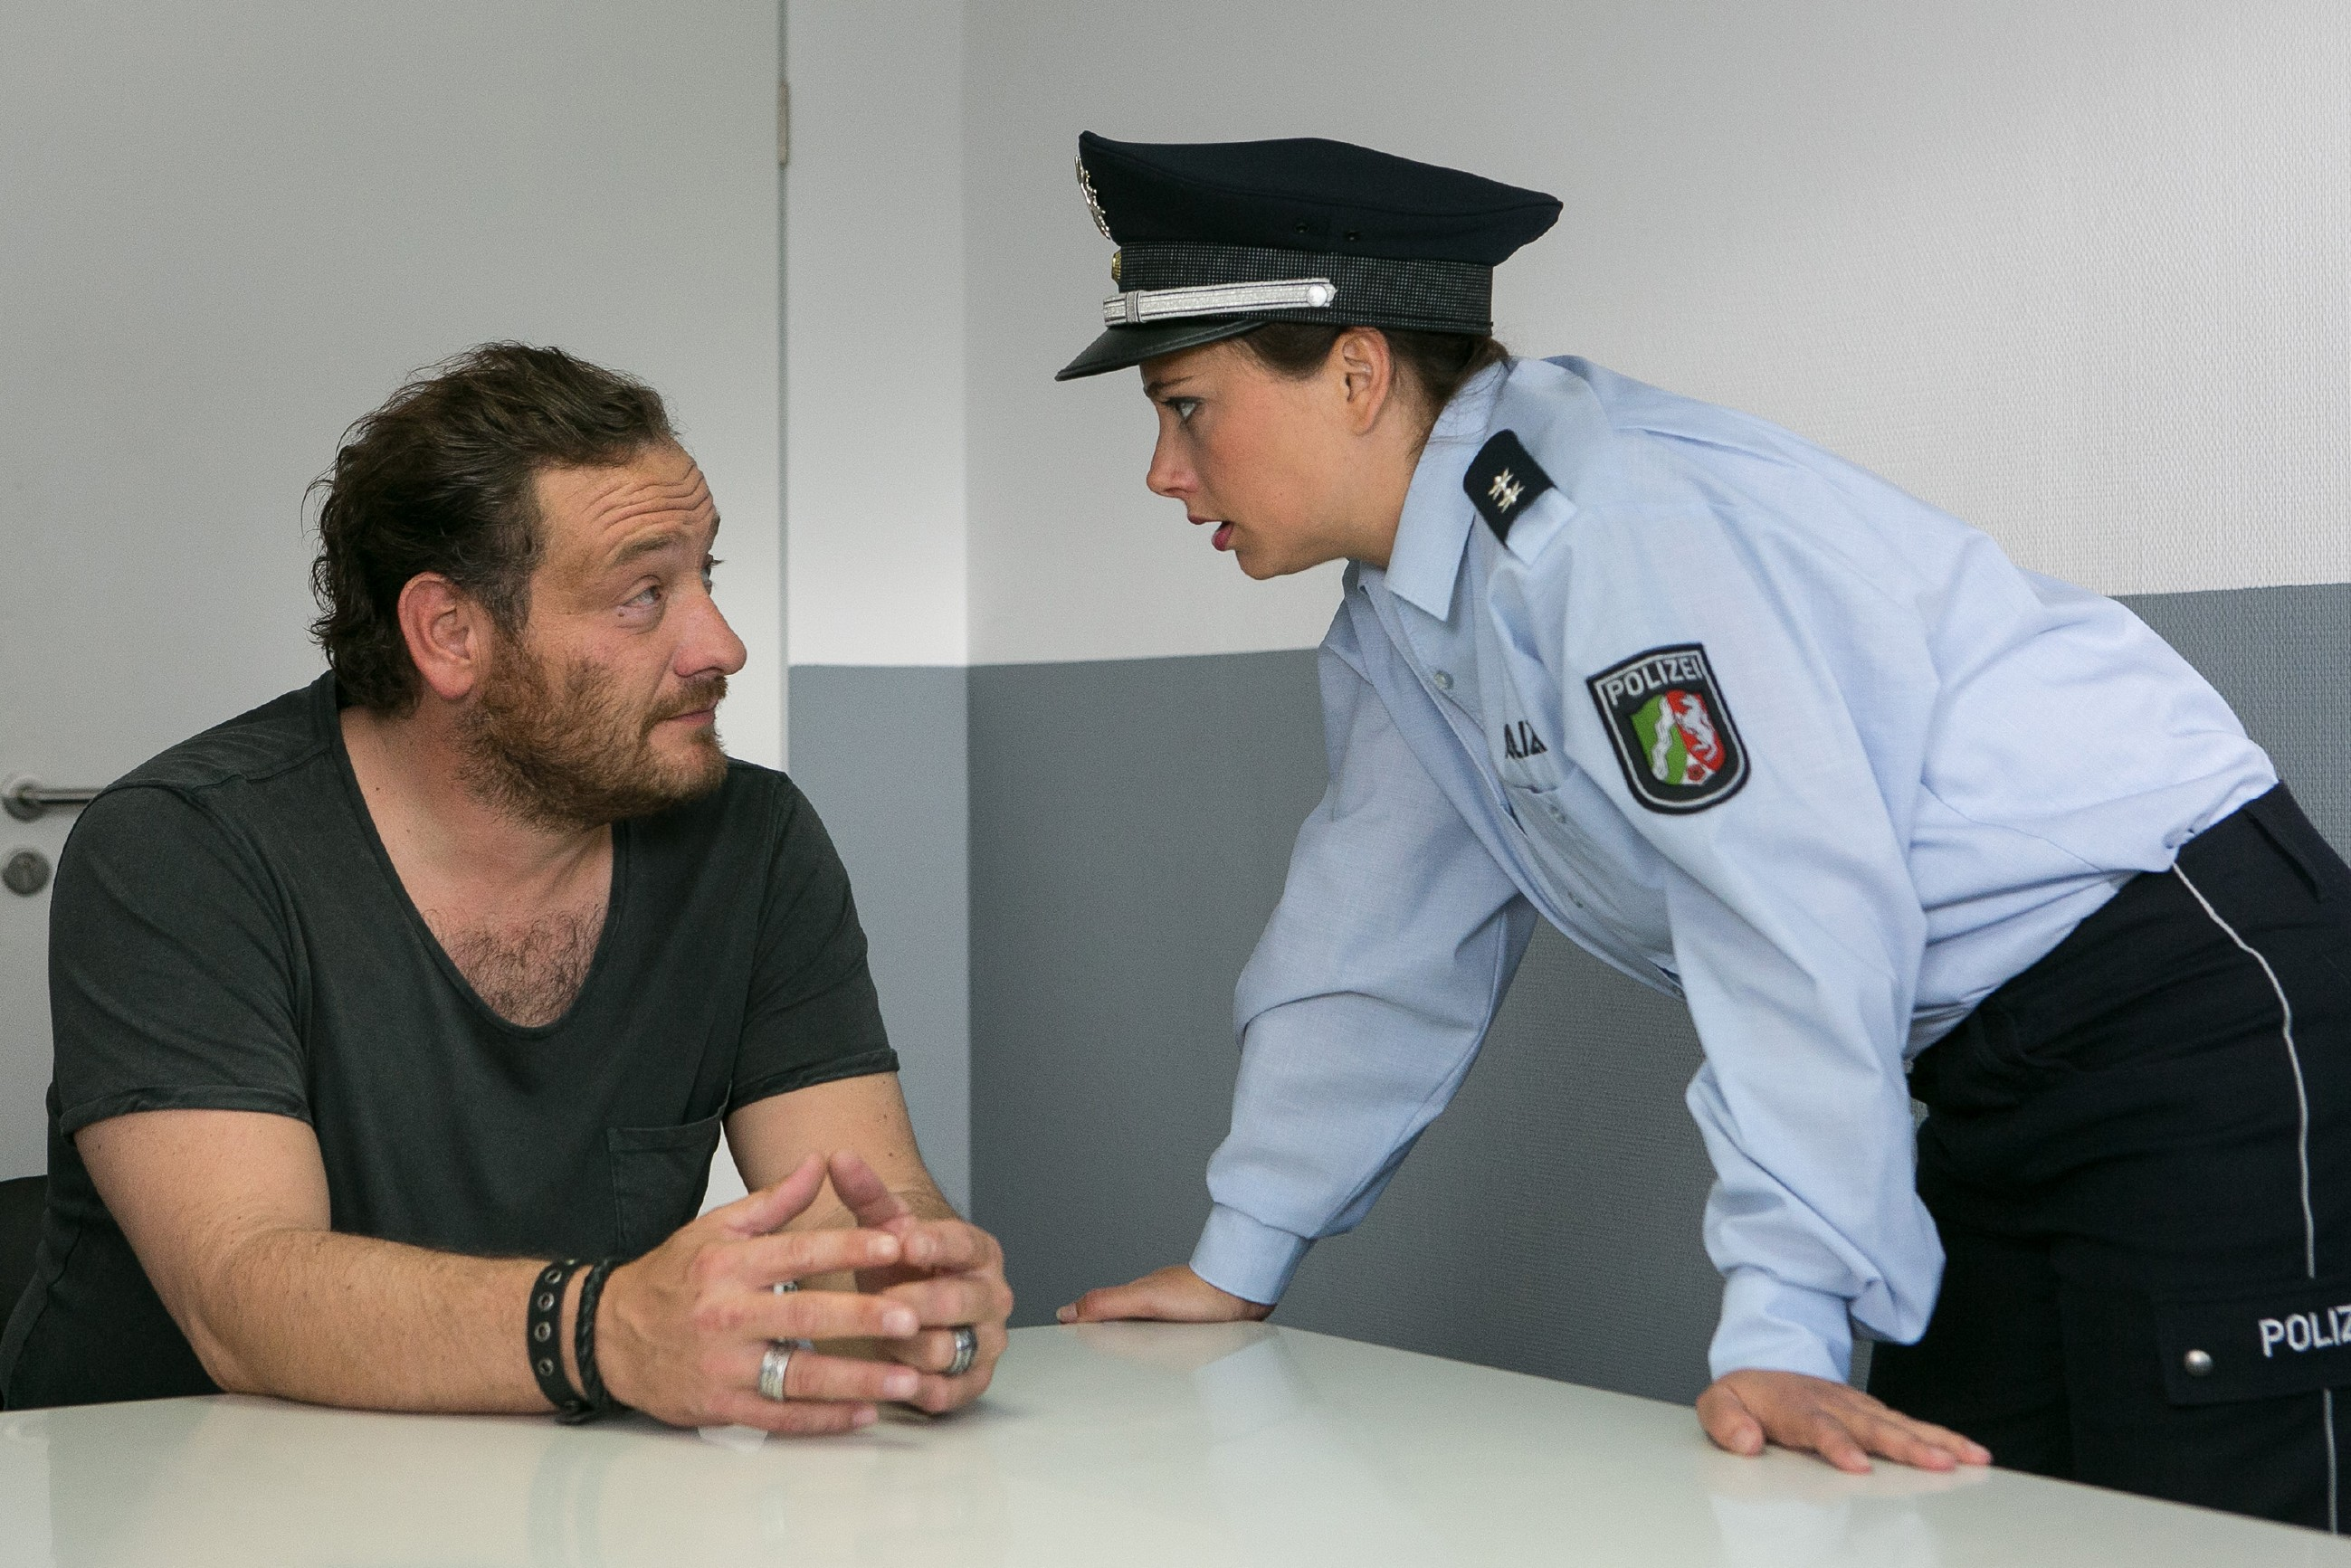 Carmen (Heike Warmuth) hat sich als Polizistin ausgegeben, um direkt mit Kerber (Marcus Jakovljevic) sprechen zu können. Doch wird er bereit sein, Simones Versteck zu verraten? (Quelle: RTL / Kai Schulz)